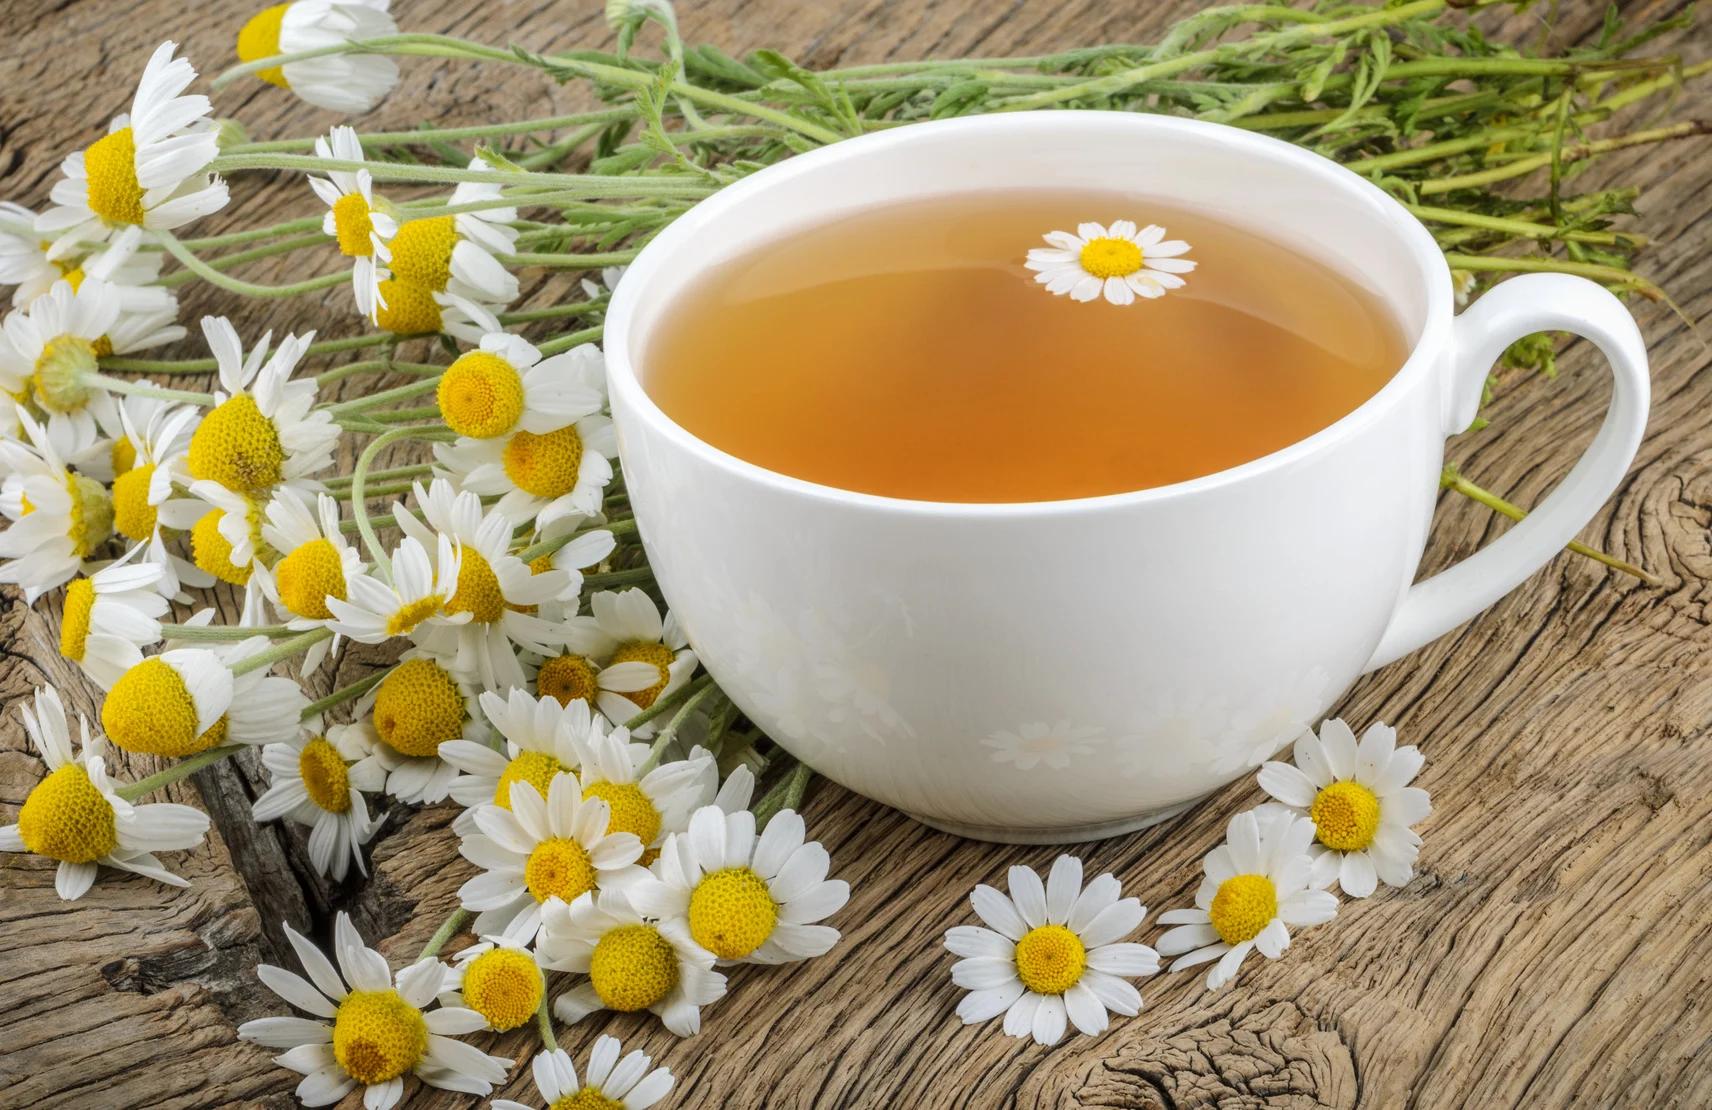 Chá de camomila alivia o estresse (Fonte: Guia da Semana)